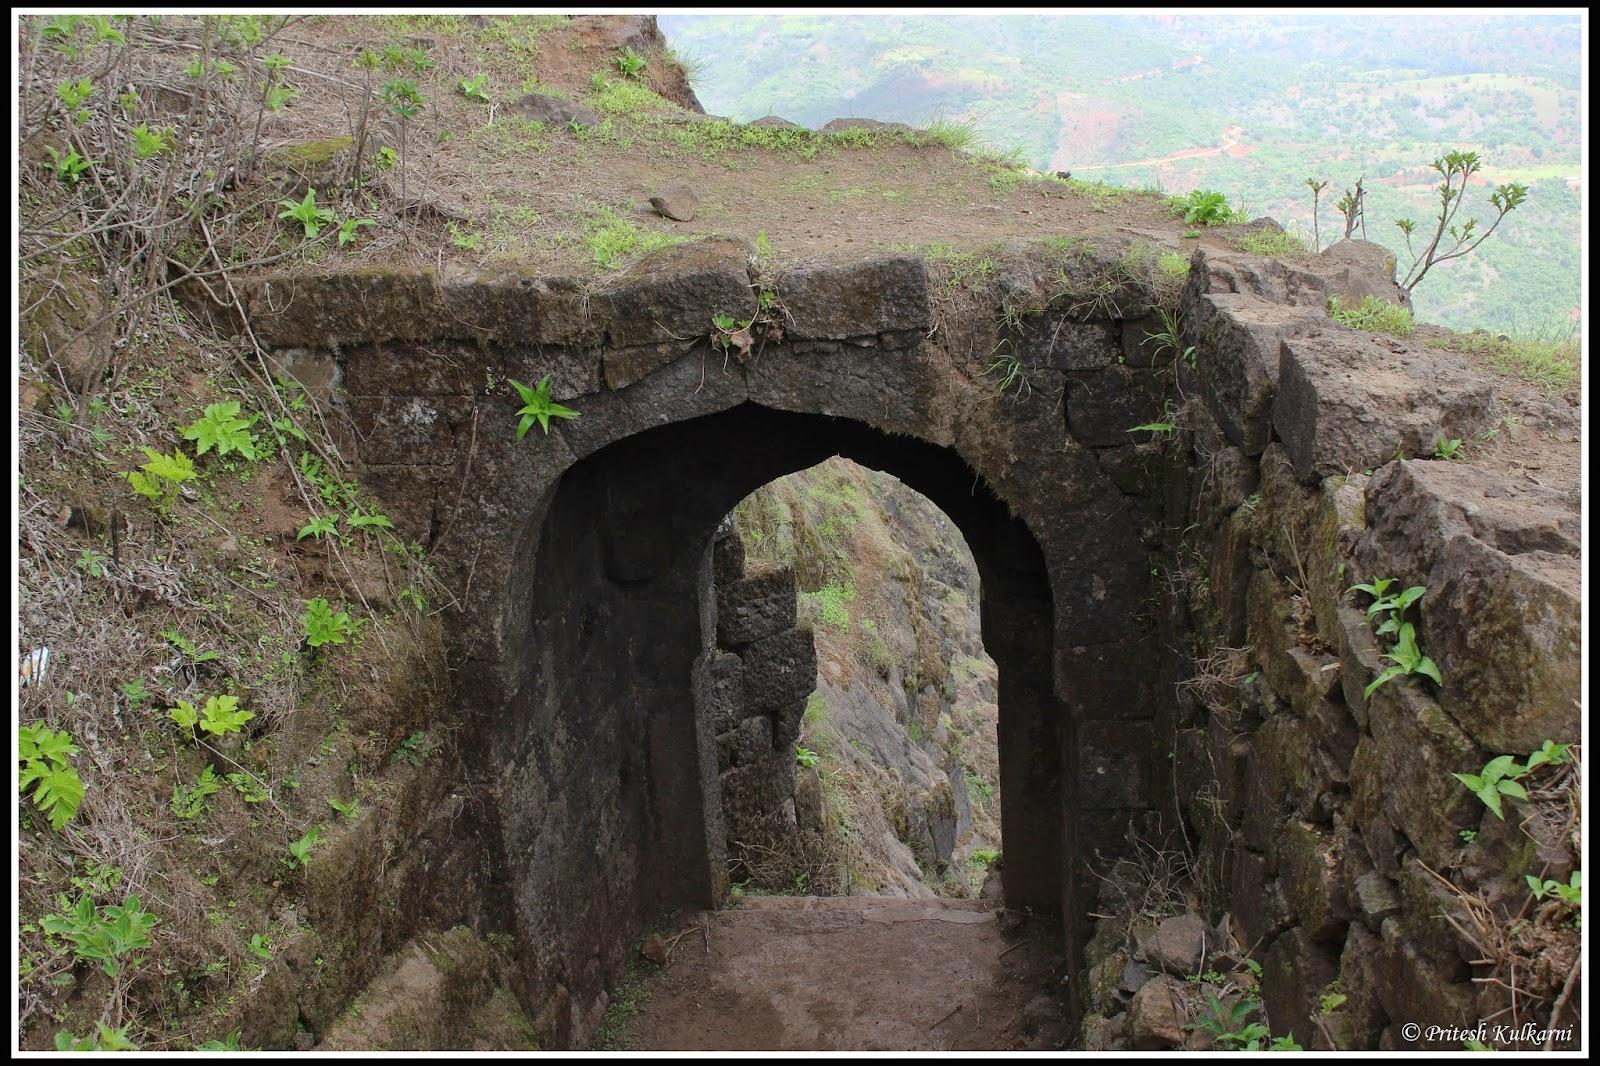 Bini Darwaja (Bini entrance)